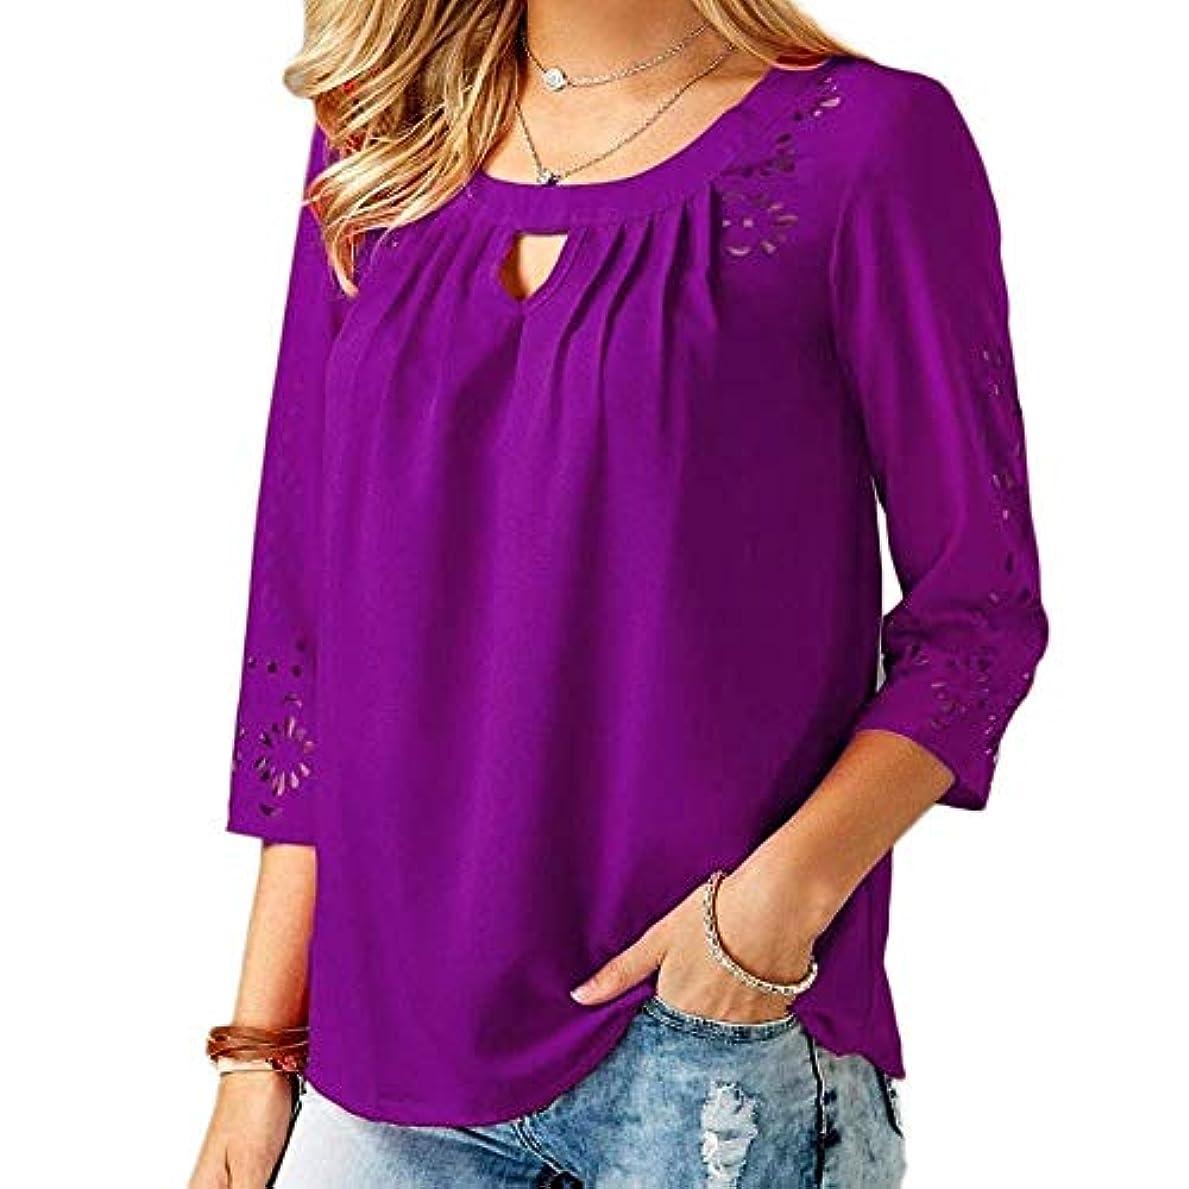 正しく愛されし者スナッチMIFAN ゆったりTシャツ、シフォンシャツ、カジュアルシャツ、女性トップ、プラスサイズトップ